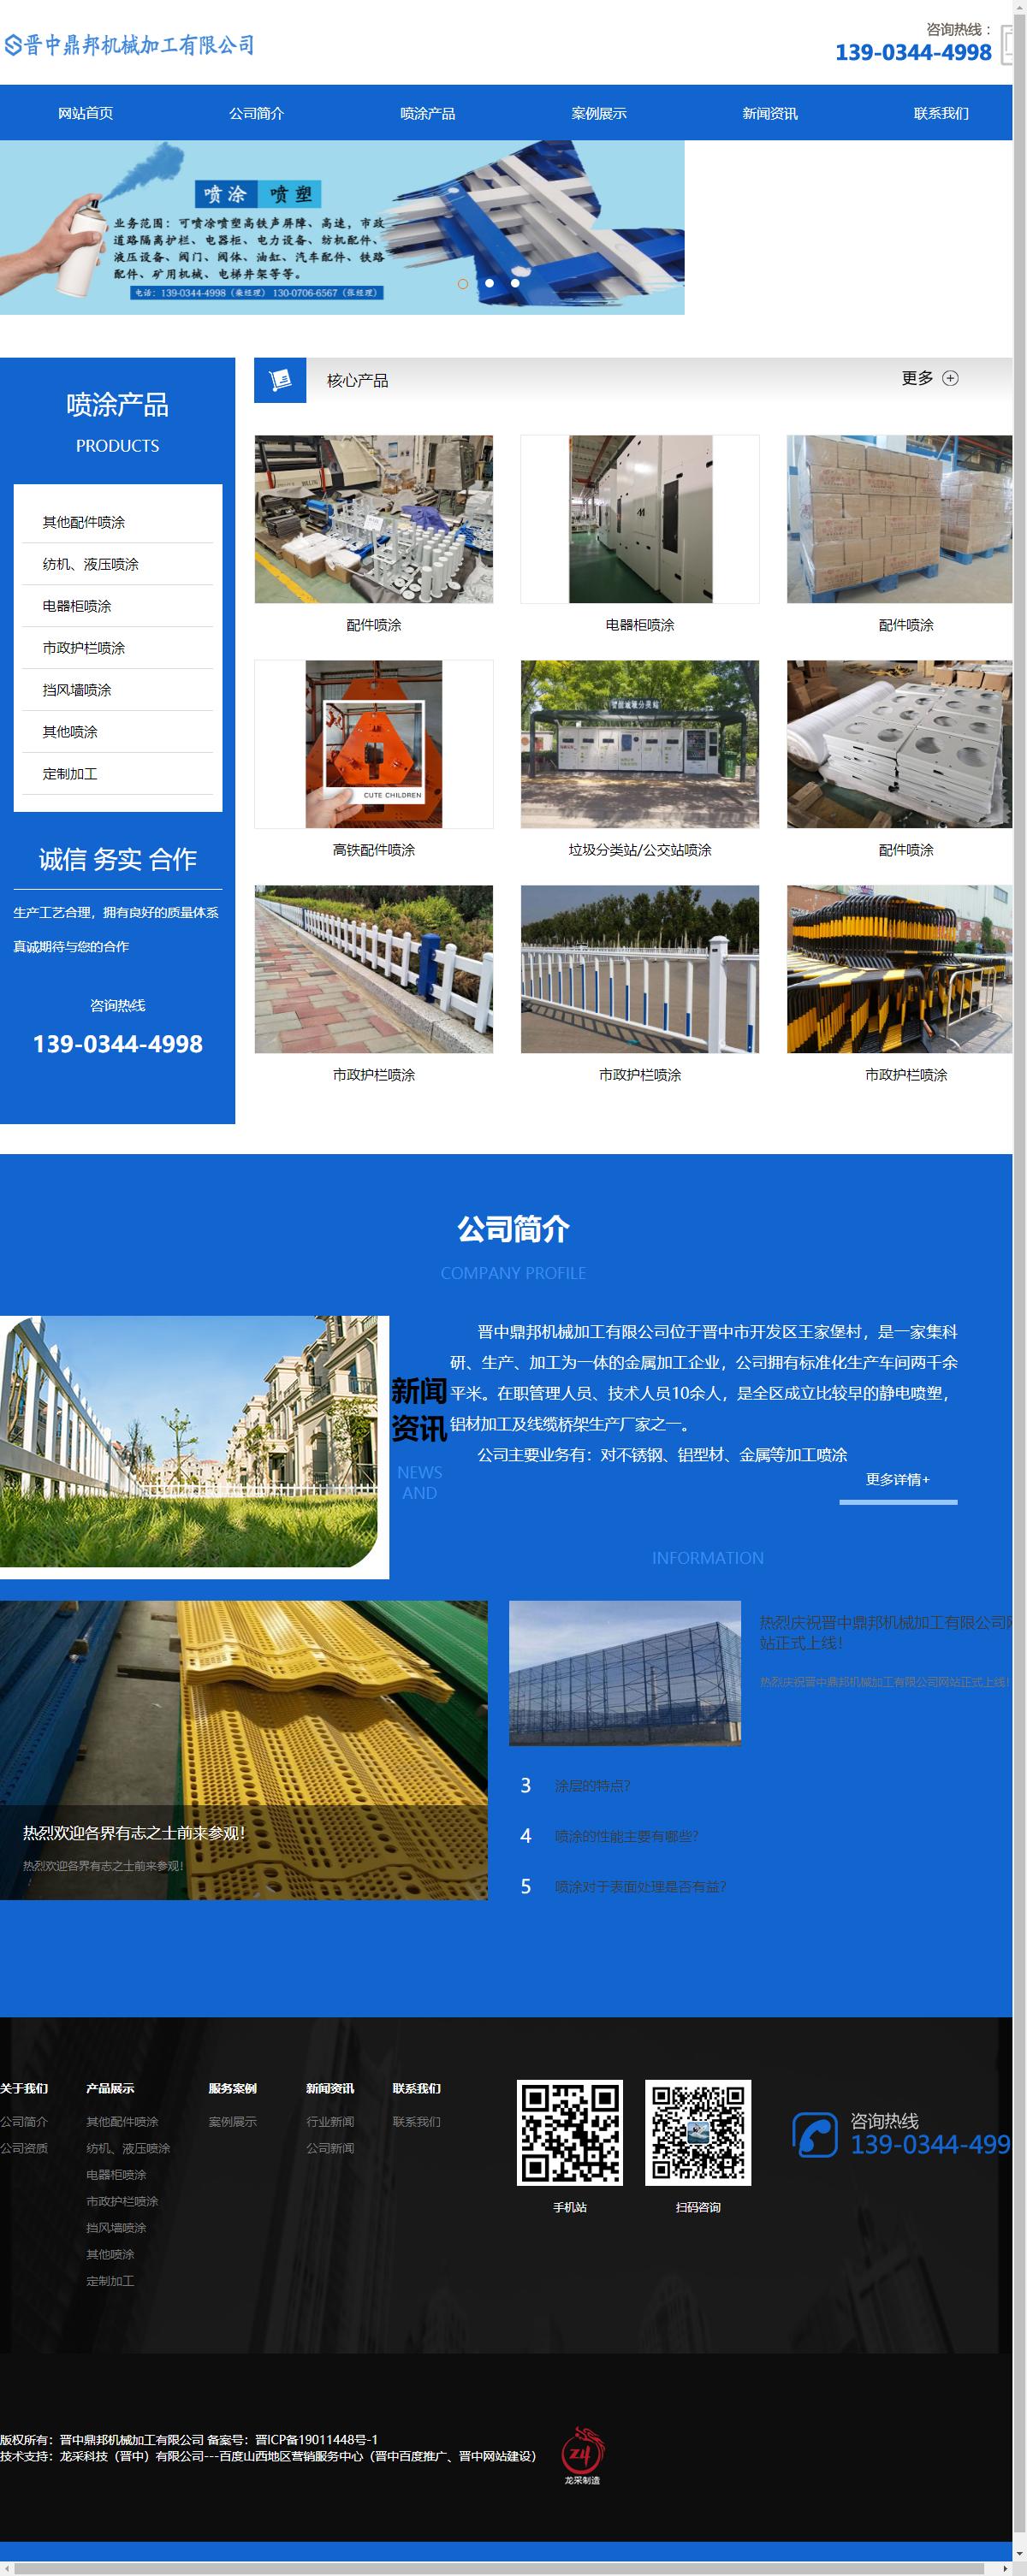 晋中鼎邦机械加工有限公司网站案例